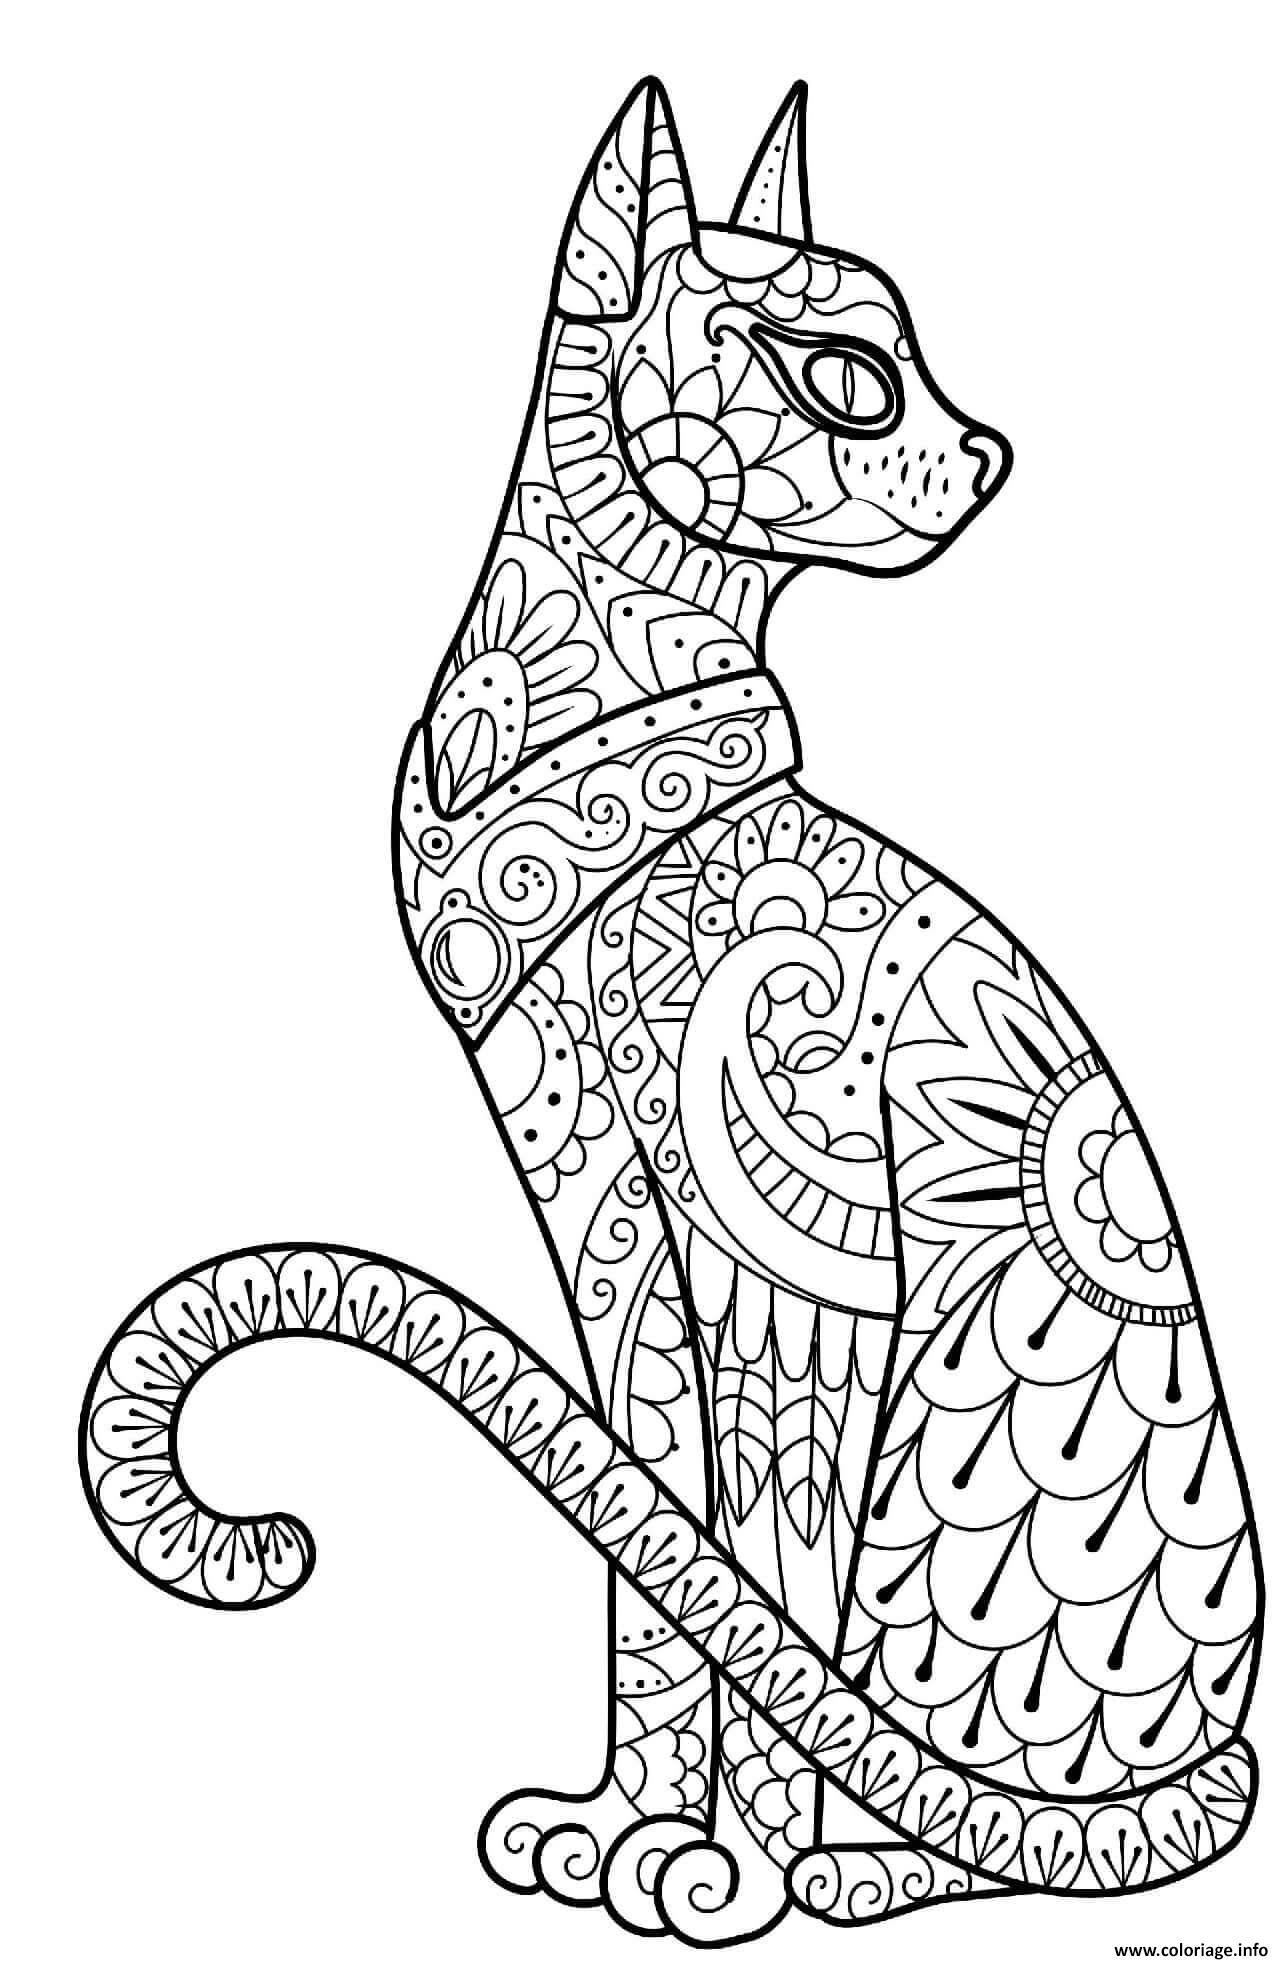 Dessin halloween intricate cat zentangle adulte Coloriage Gratuit à Imprimer